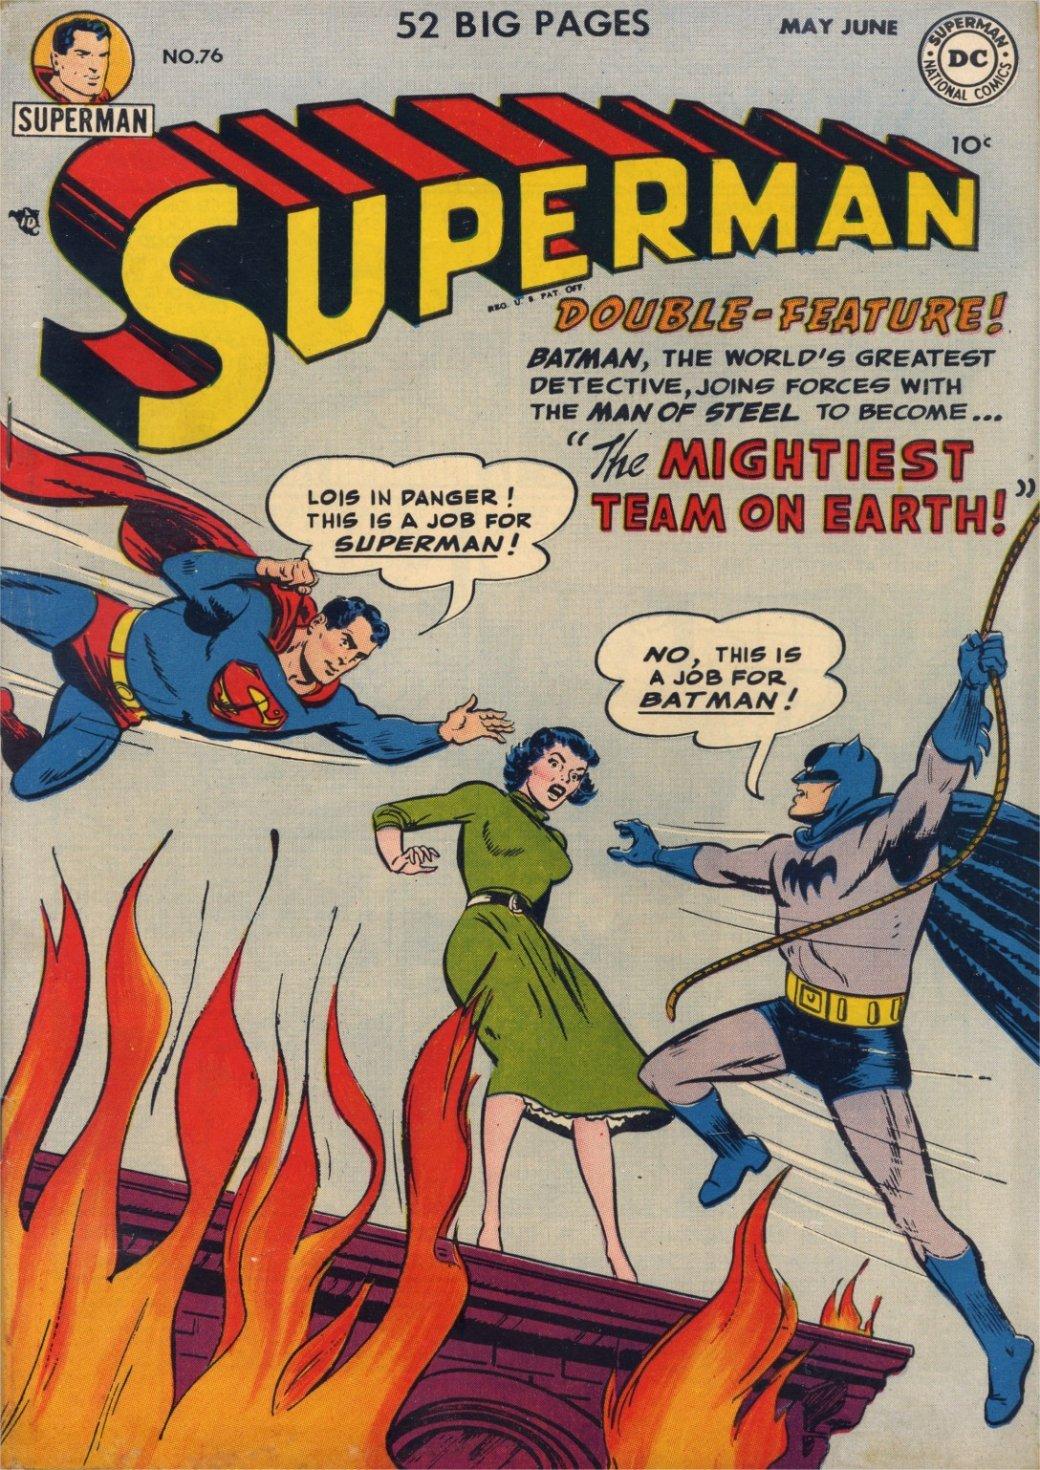 История Супермена иэволюция его образа вкомиксах | Канобу - Изображение 18